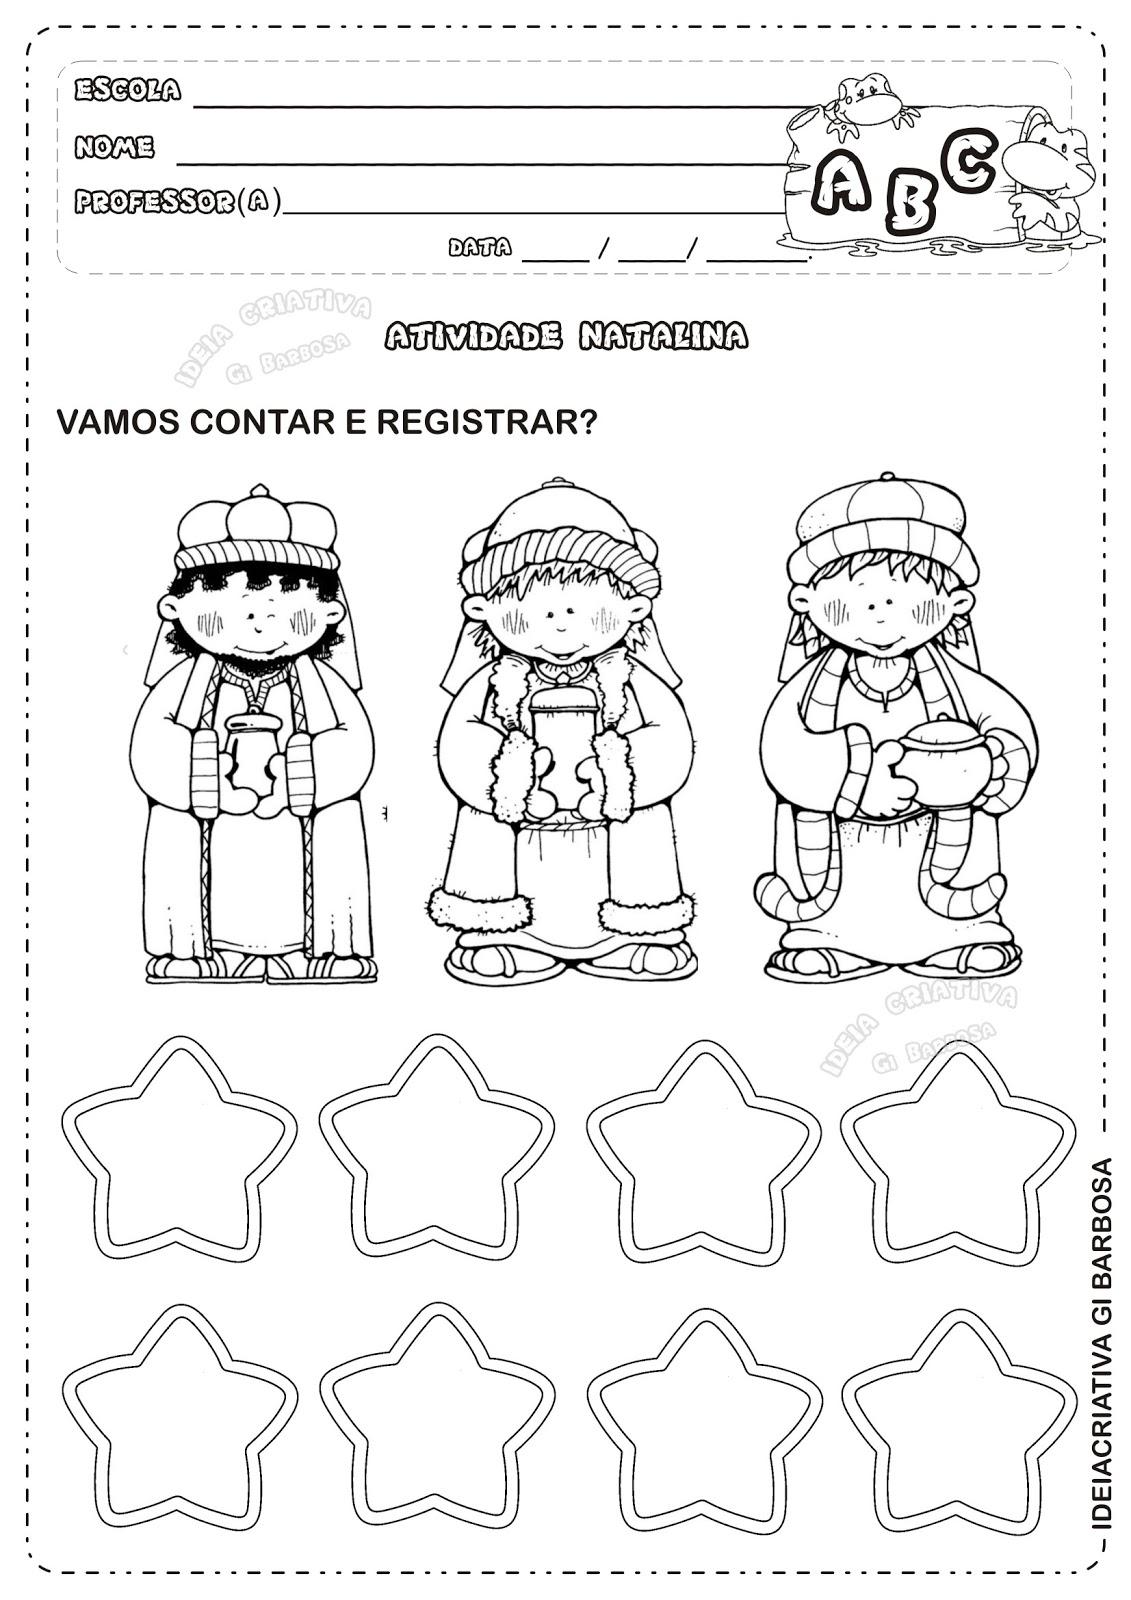 Excepcional Matemática Infantil: Atividade Natal Matemática Educação Infantil ZG79